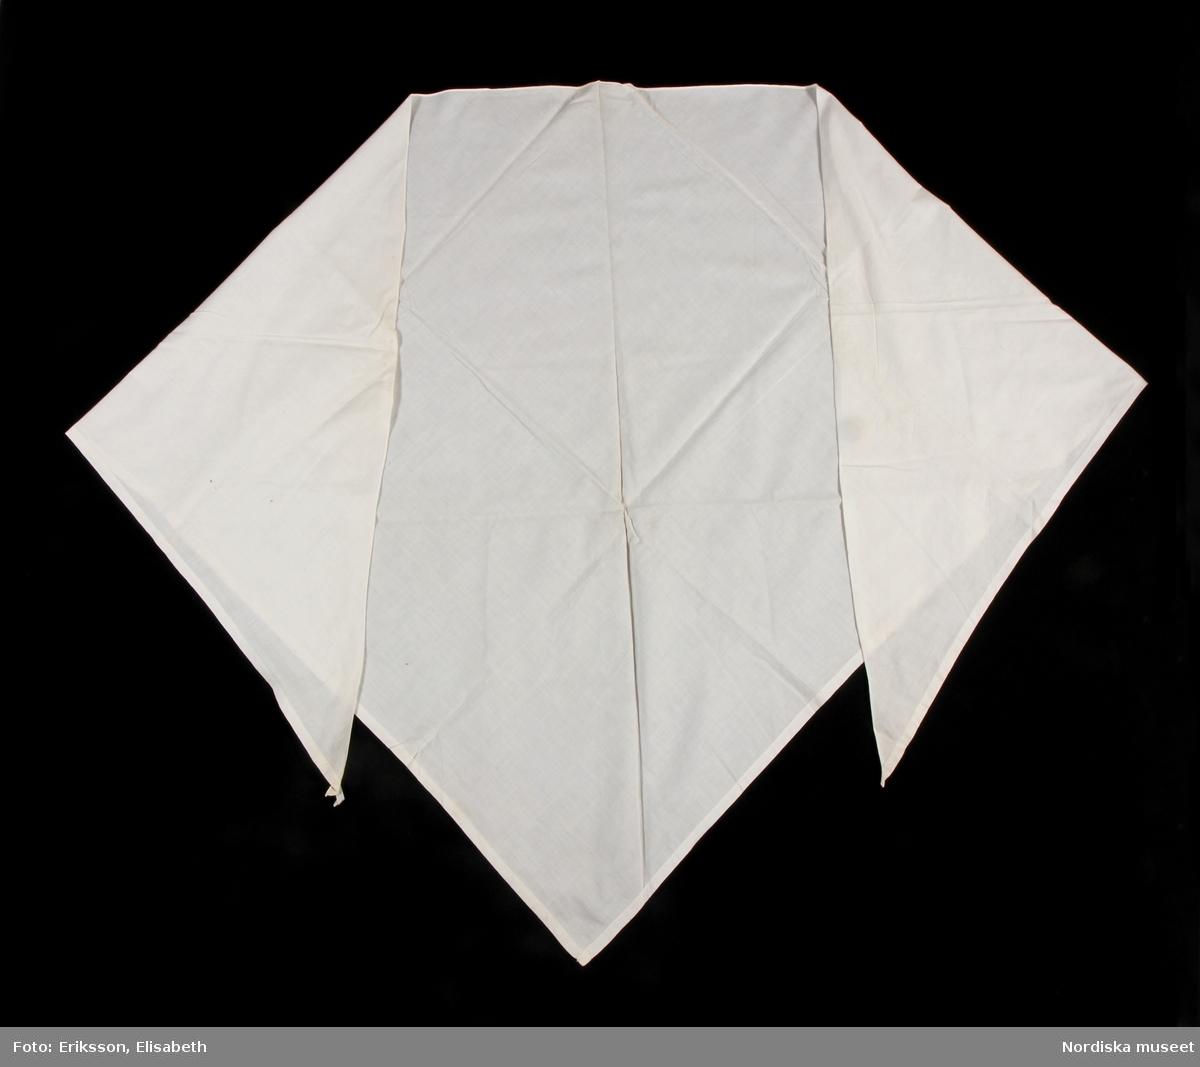 """Huvudliggaren: """"Axelschal, stor, kvadr, hvit, 'sorgpålägg'.  Utdrag ur bilaga """" 'Sorgplagg', till sorgdräkten, att hava öfver axlarna med mössa och 'slätstycke' och svart klädning.""""  Katalogkort:  Stort halskläde, vitt, i tuskaftad bomull. Tresidigt, två kortsidor och en långsida. Klippt på tvären av en kvadratisk tygbit. Korstidorna har 1,5 cm bred fåll, långsidan 3 mm bred fåll. Halsklädet är handsytt. /Inga-Lill Eliasson 2008-02-11"""